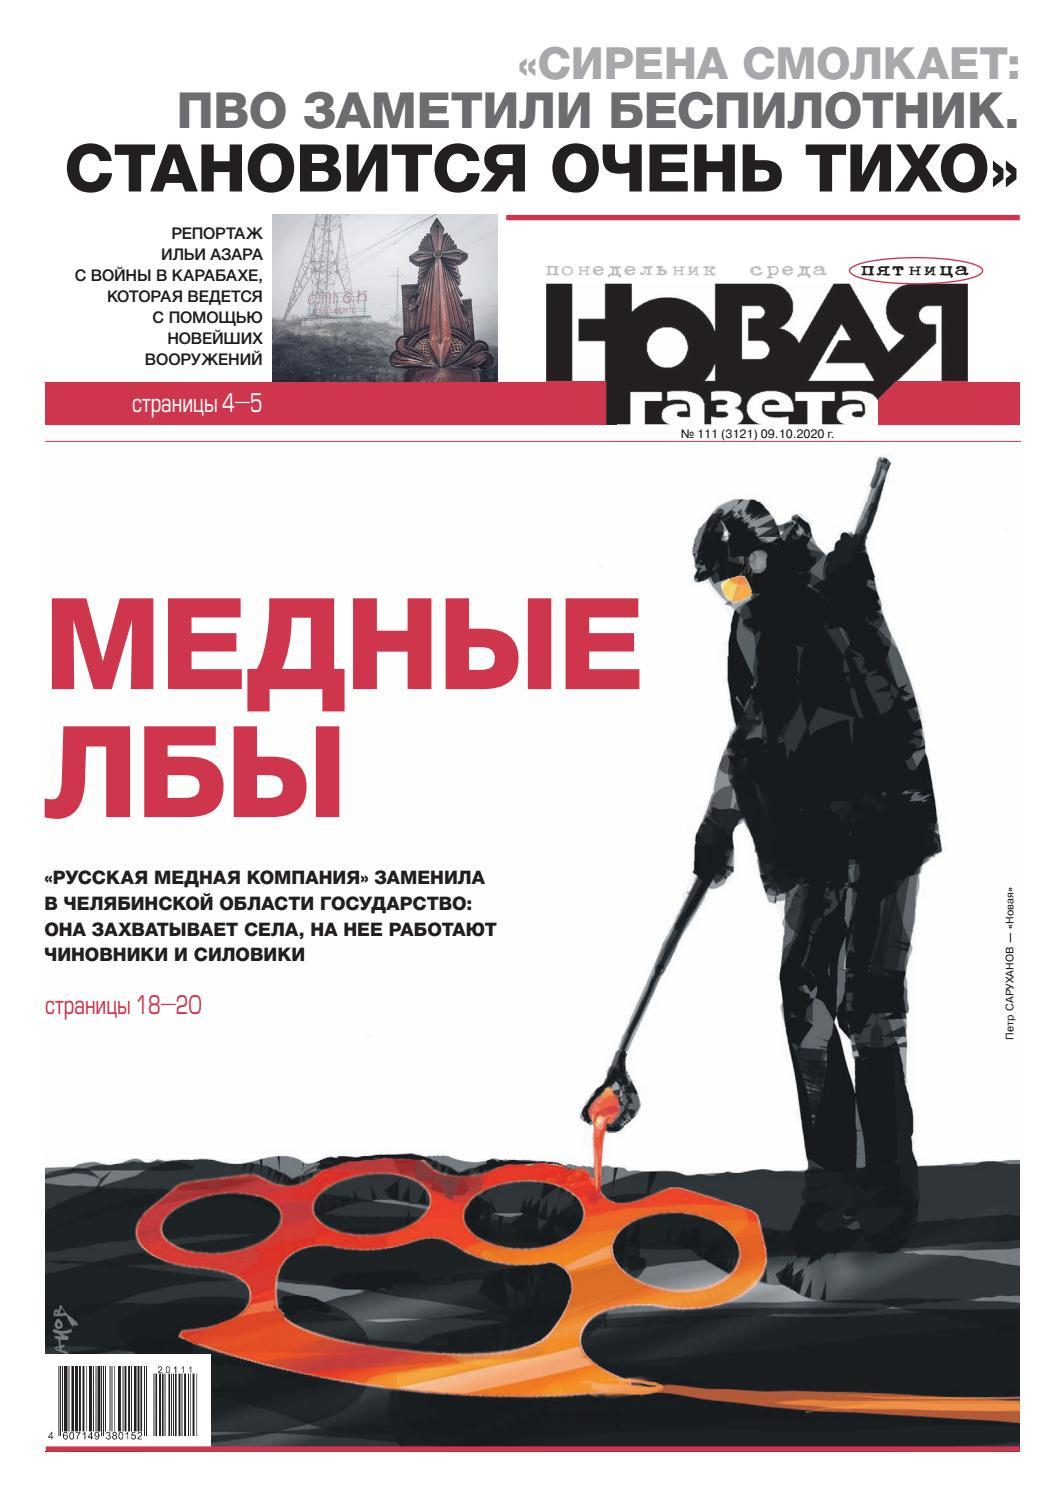 Новая газета №111, октябрь 2020